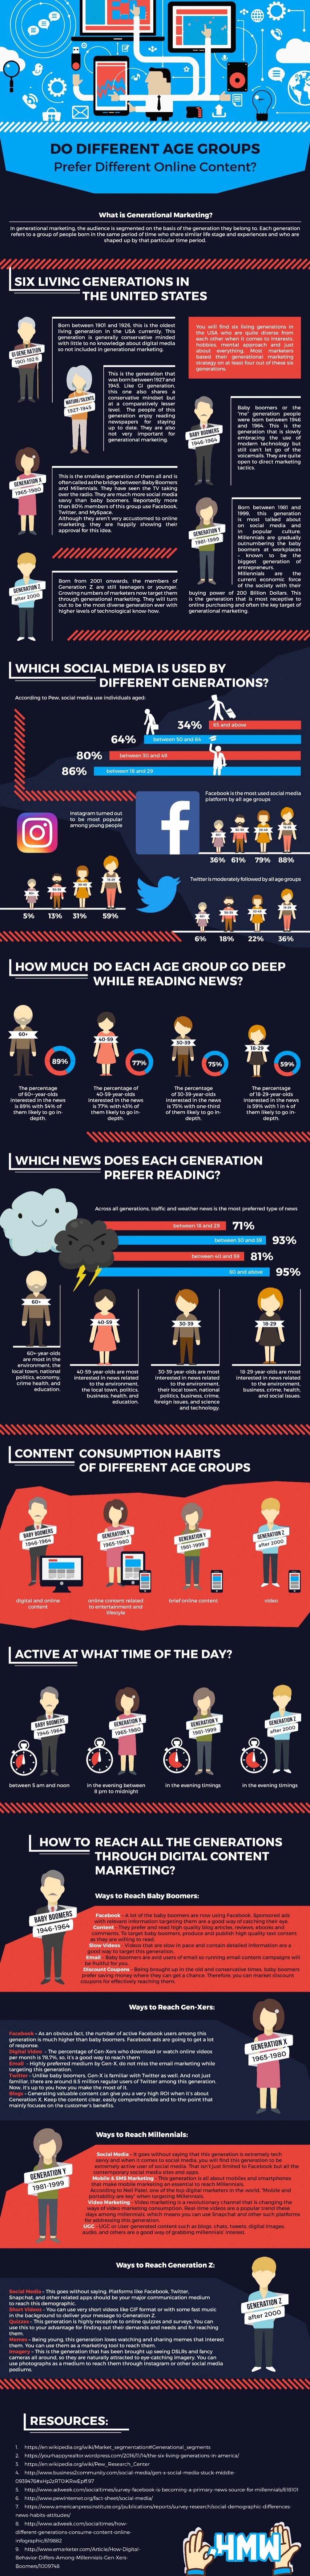 generational marketing infographic from HandMadeWriting